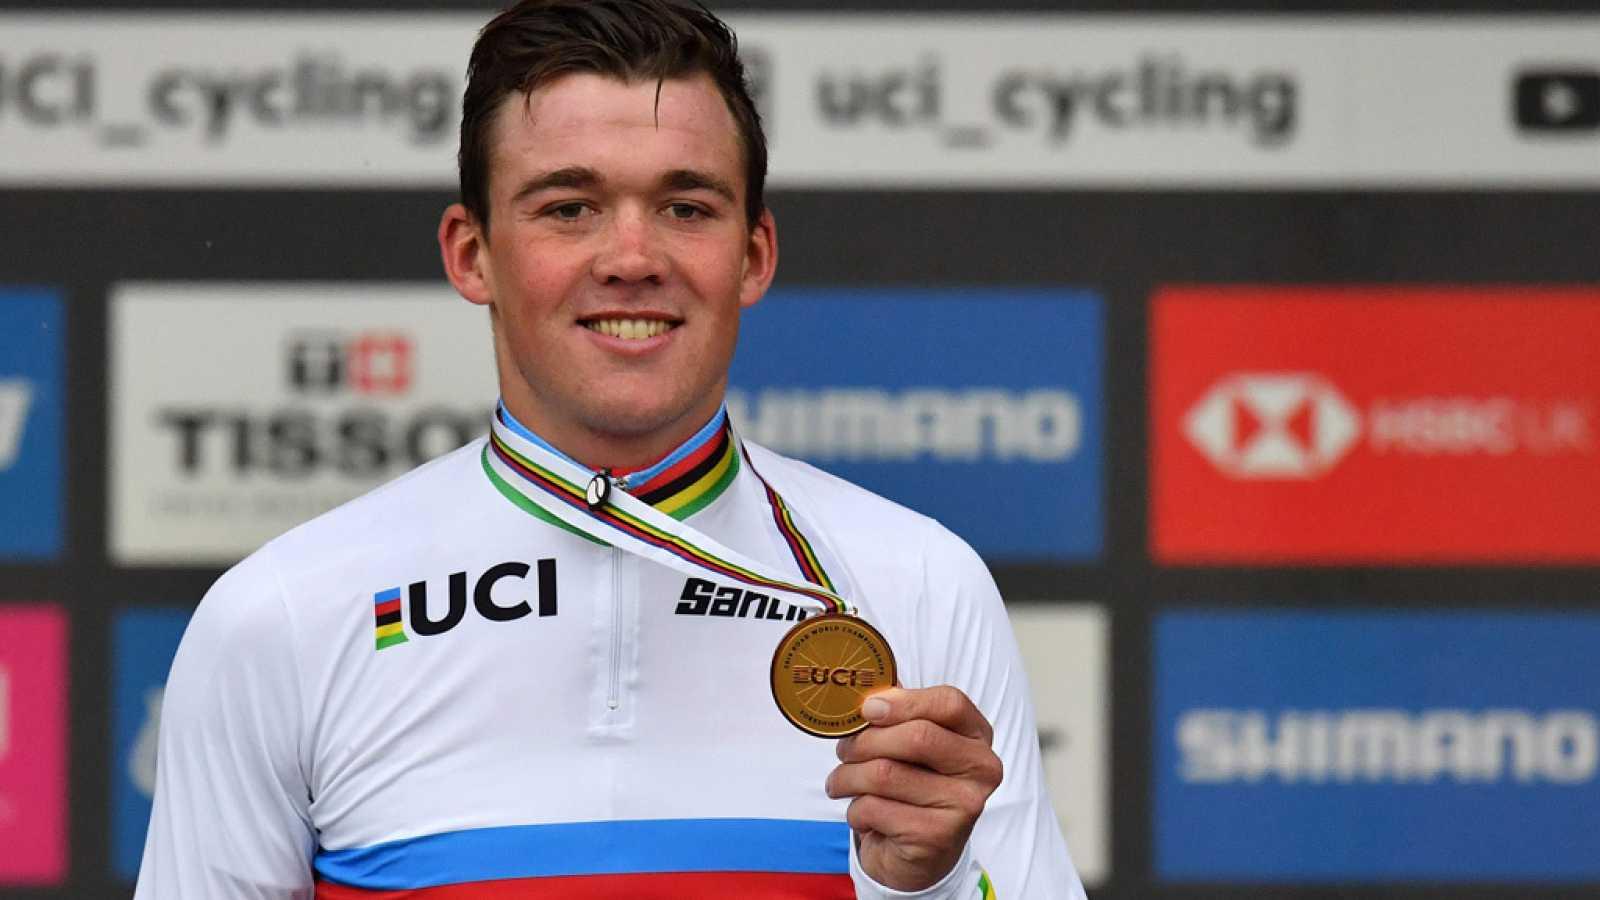 Pedersen campeón mundo ciclismo